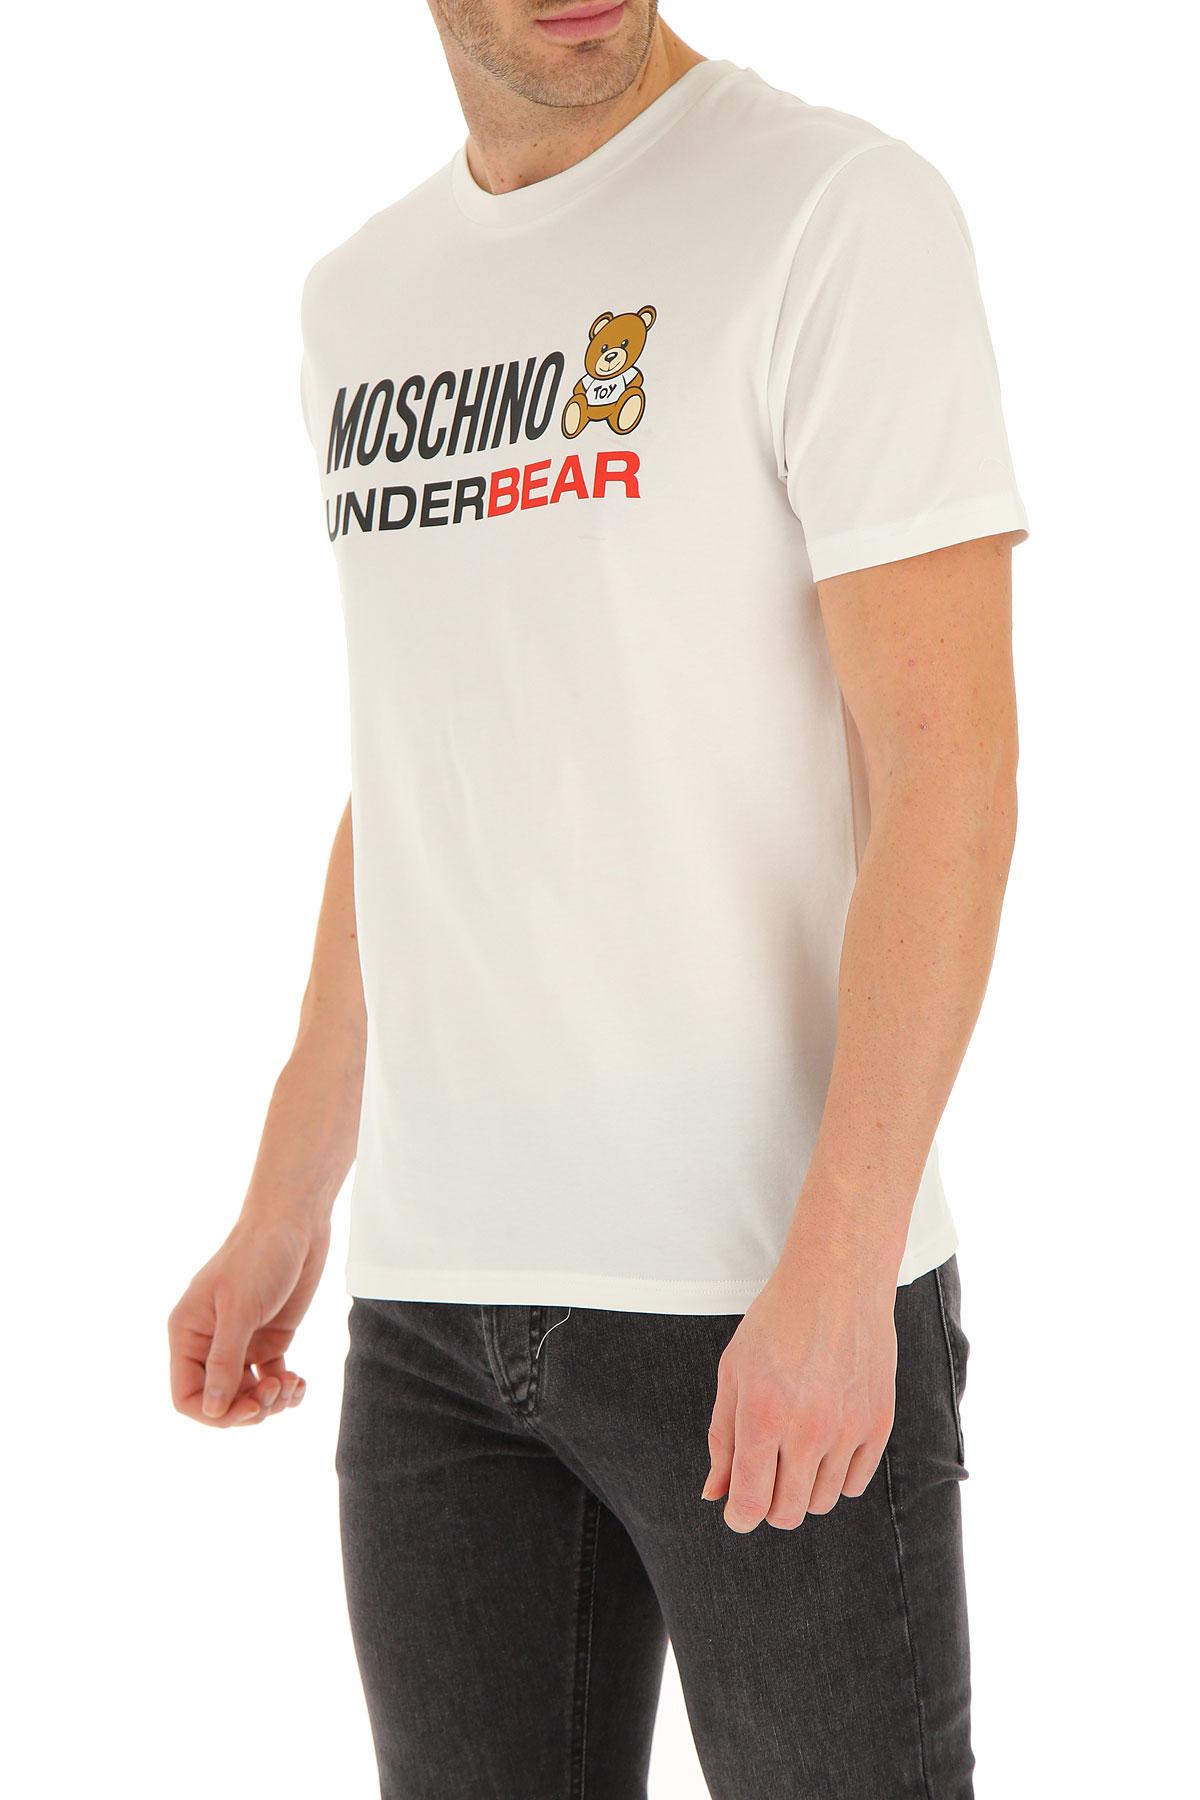 MOSCHINO short sleeve t-shirt A1914 0001